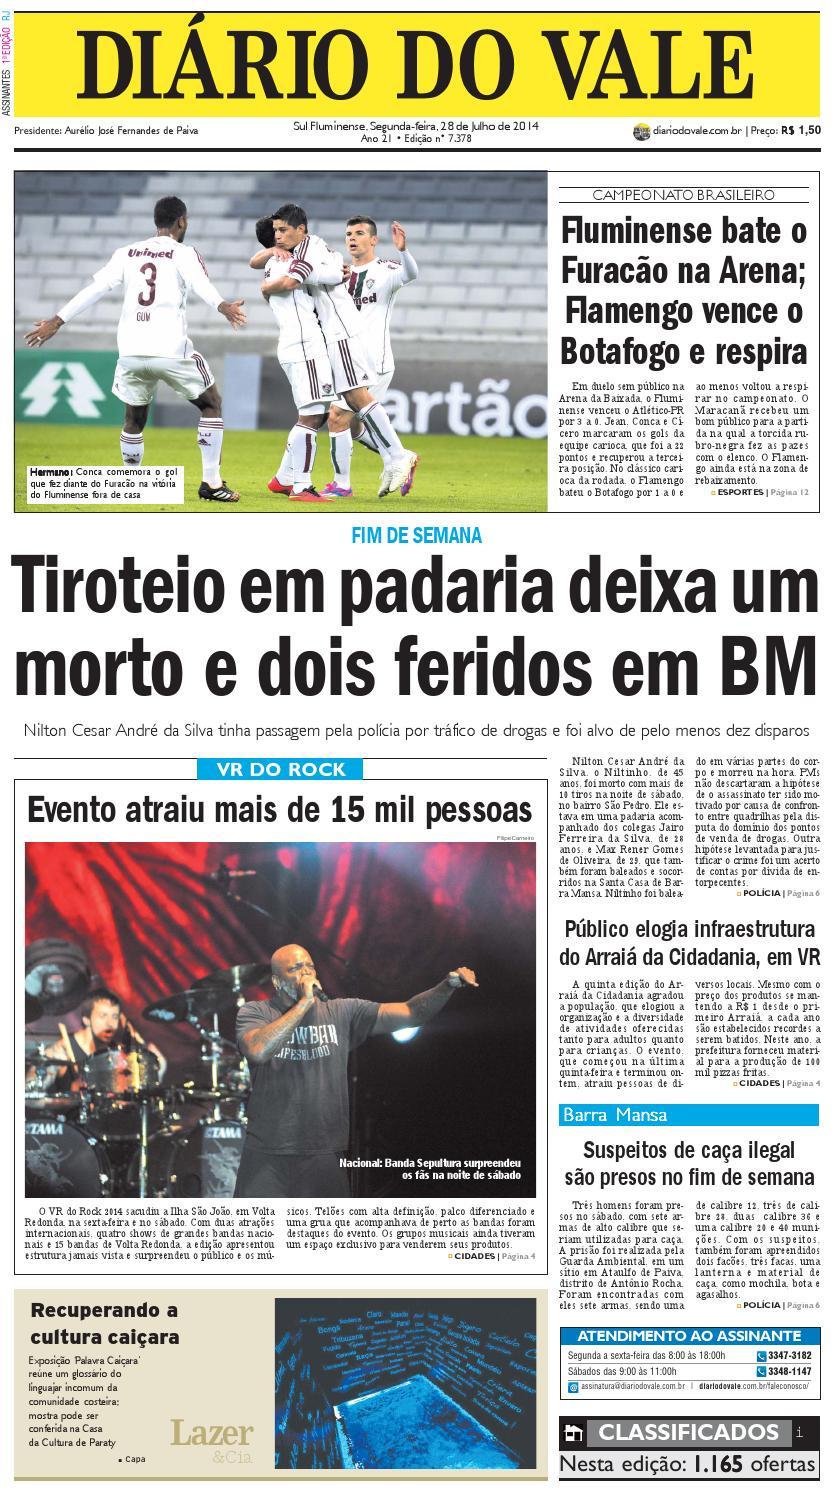 cd340ced09 7378 diario segunda feira 28 07 2014 by Diário do Vale - issuu